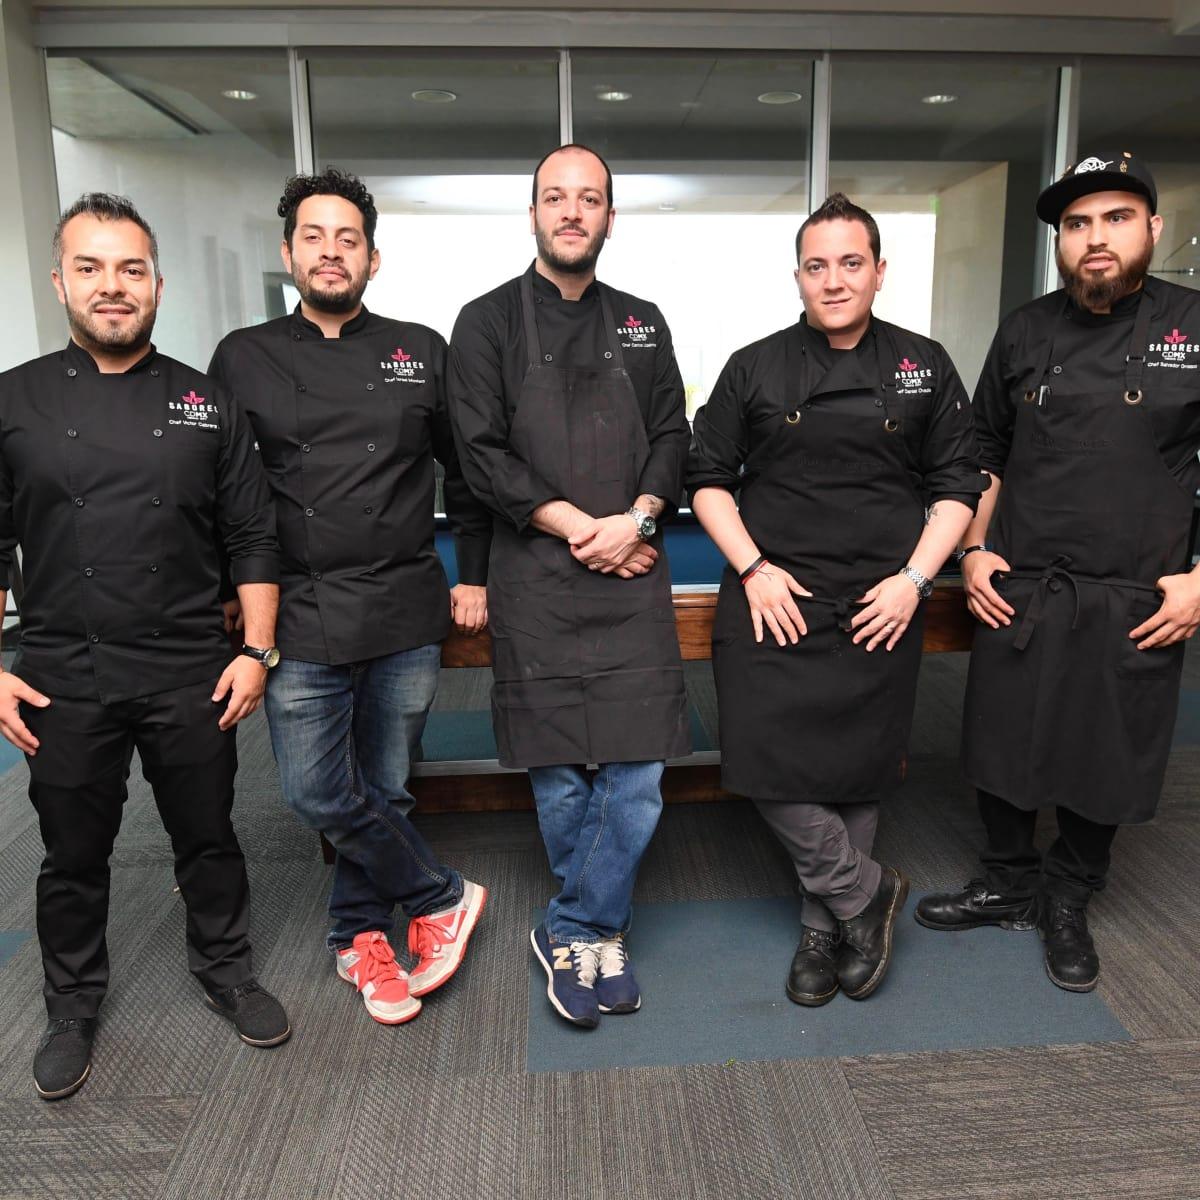 Victor Cabrera, Israel Montero, Jorge Udelman, Daniel Vadia, Salvador Orozco at Sabores chef event